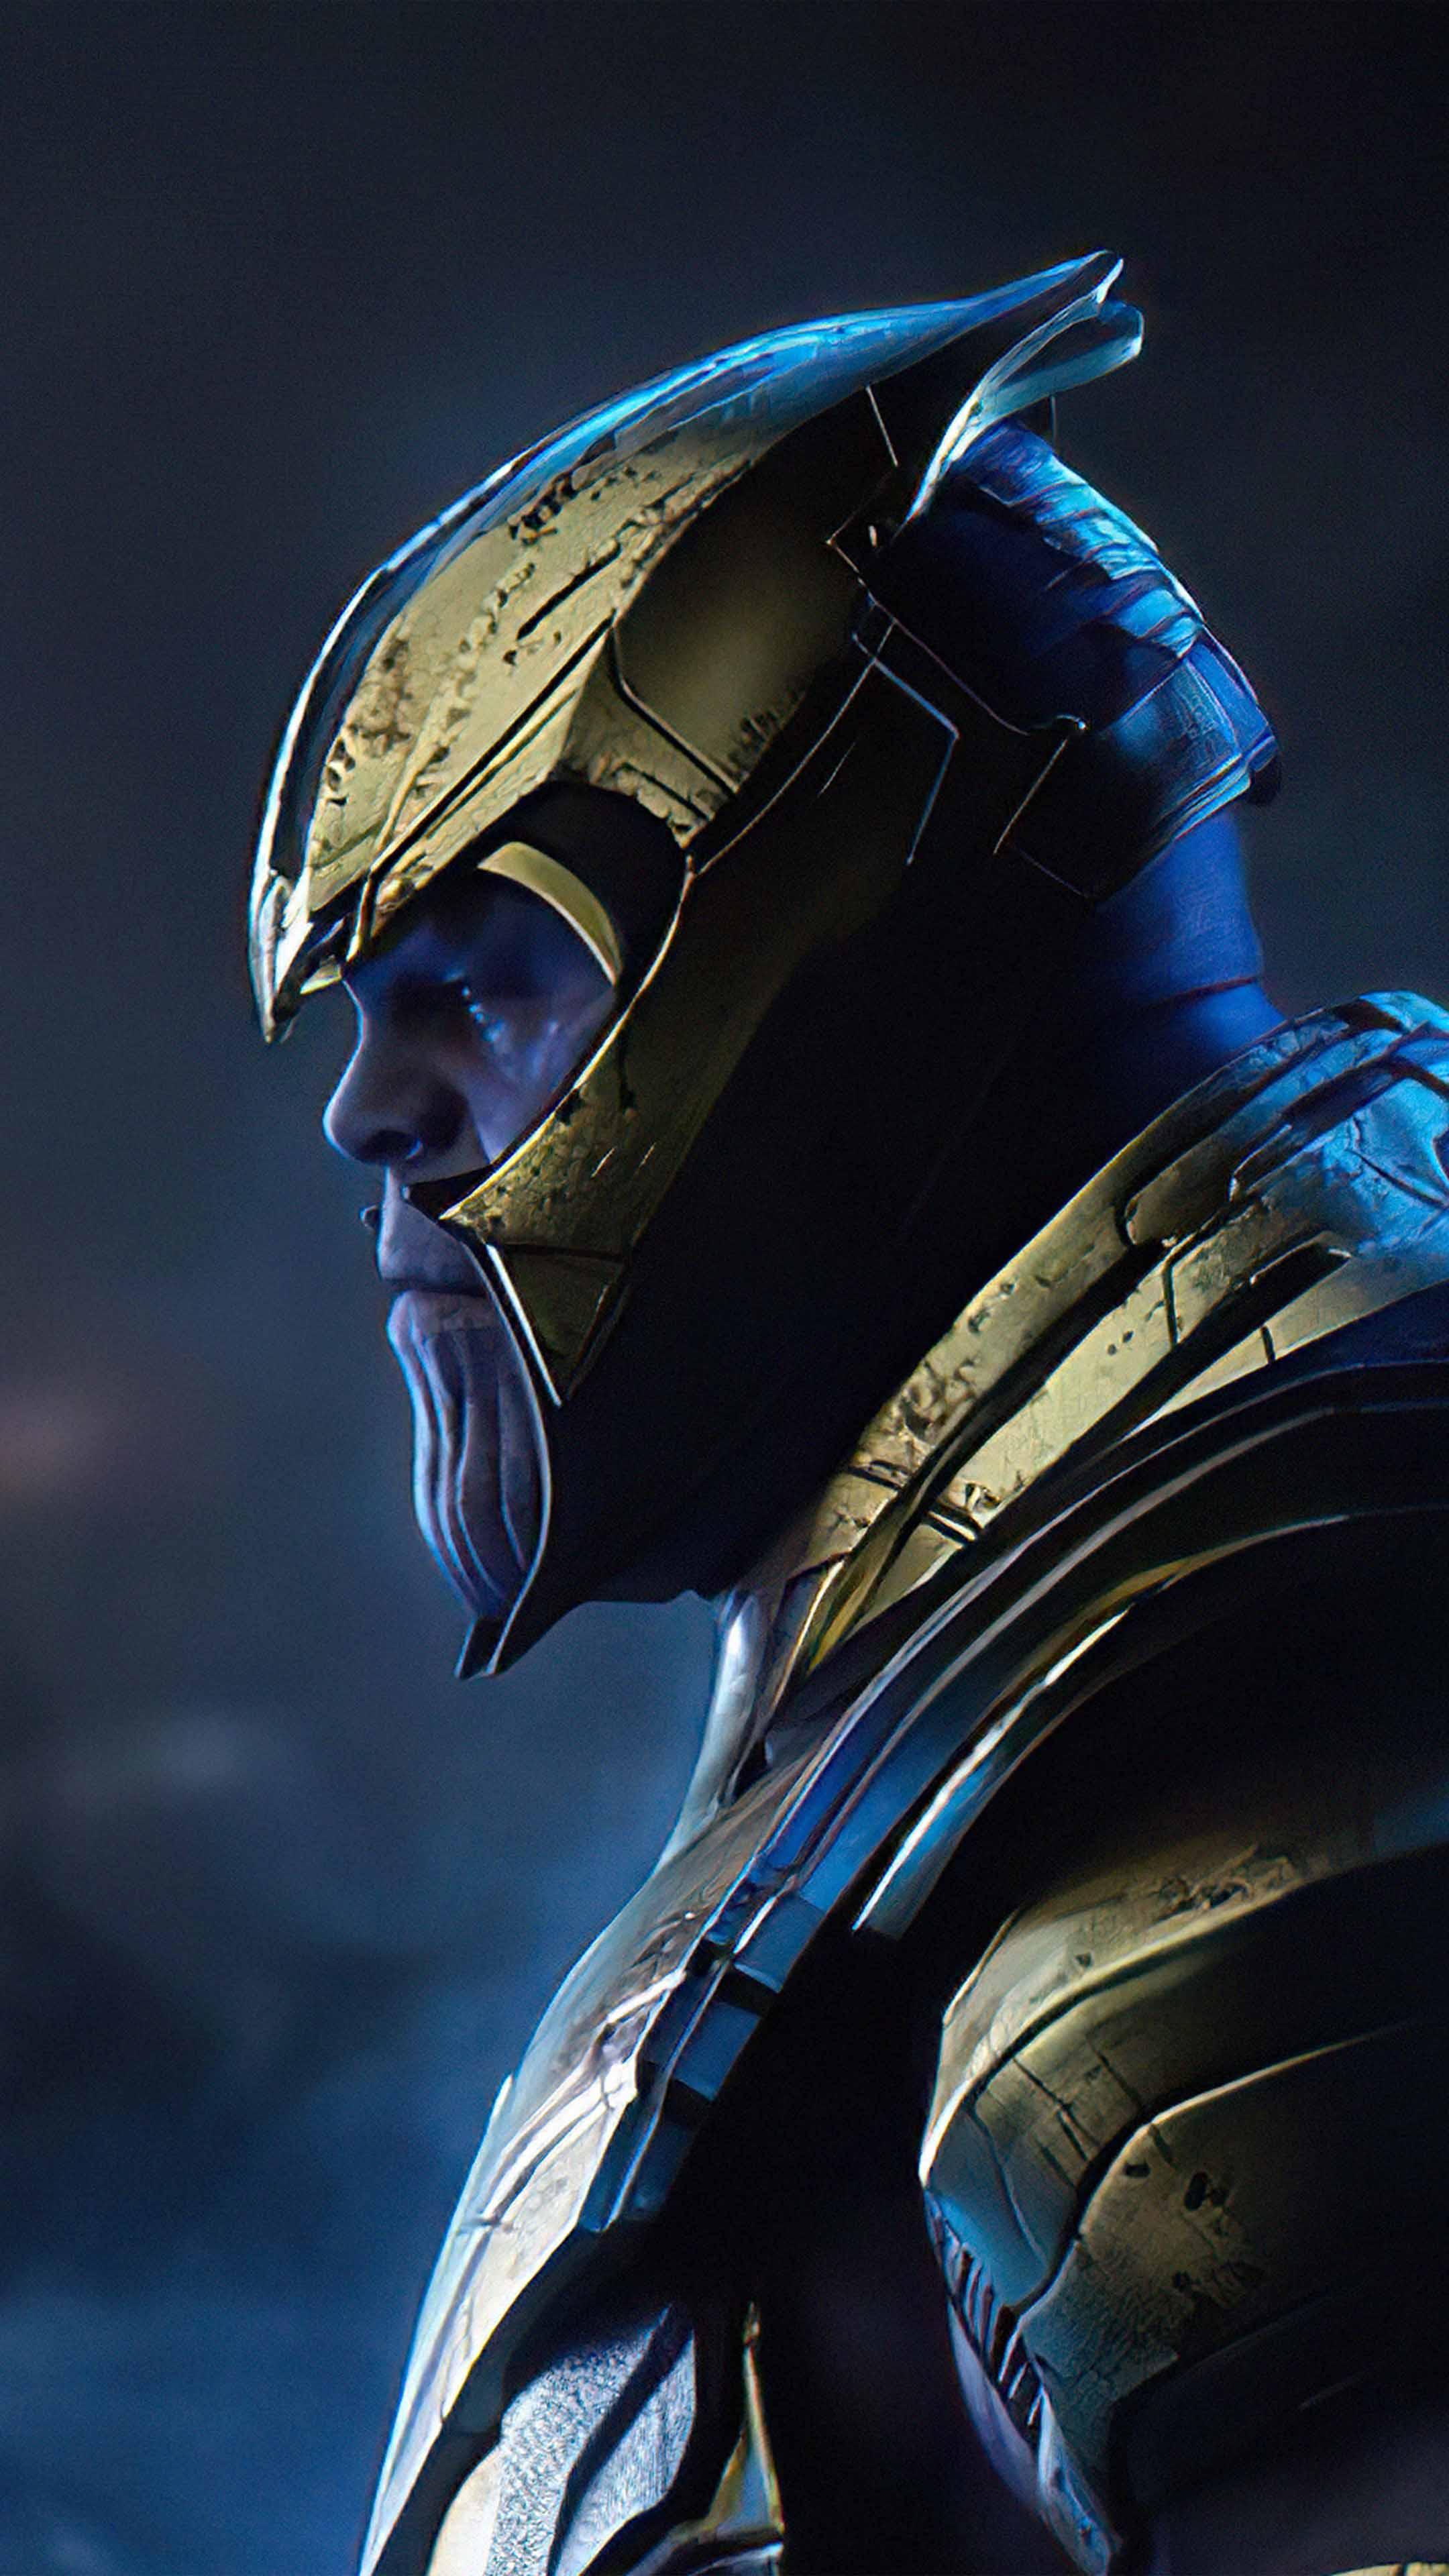 Thanos Artwork New 4K Ultra HD Mobile Wallpaper